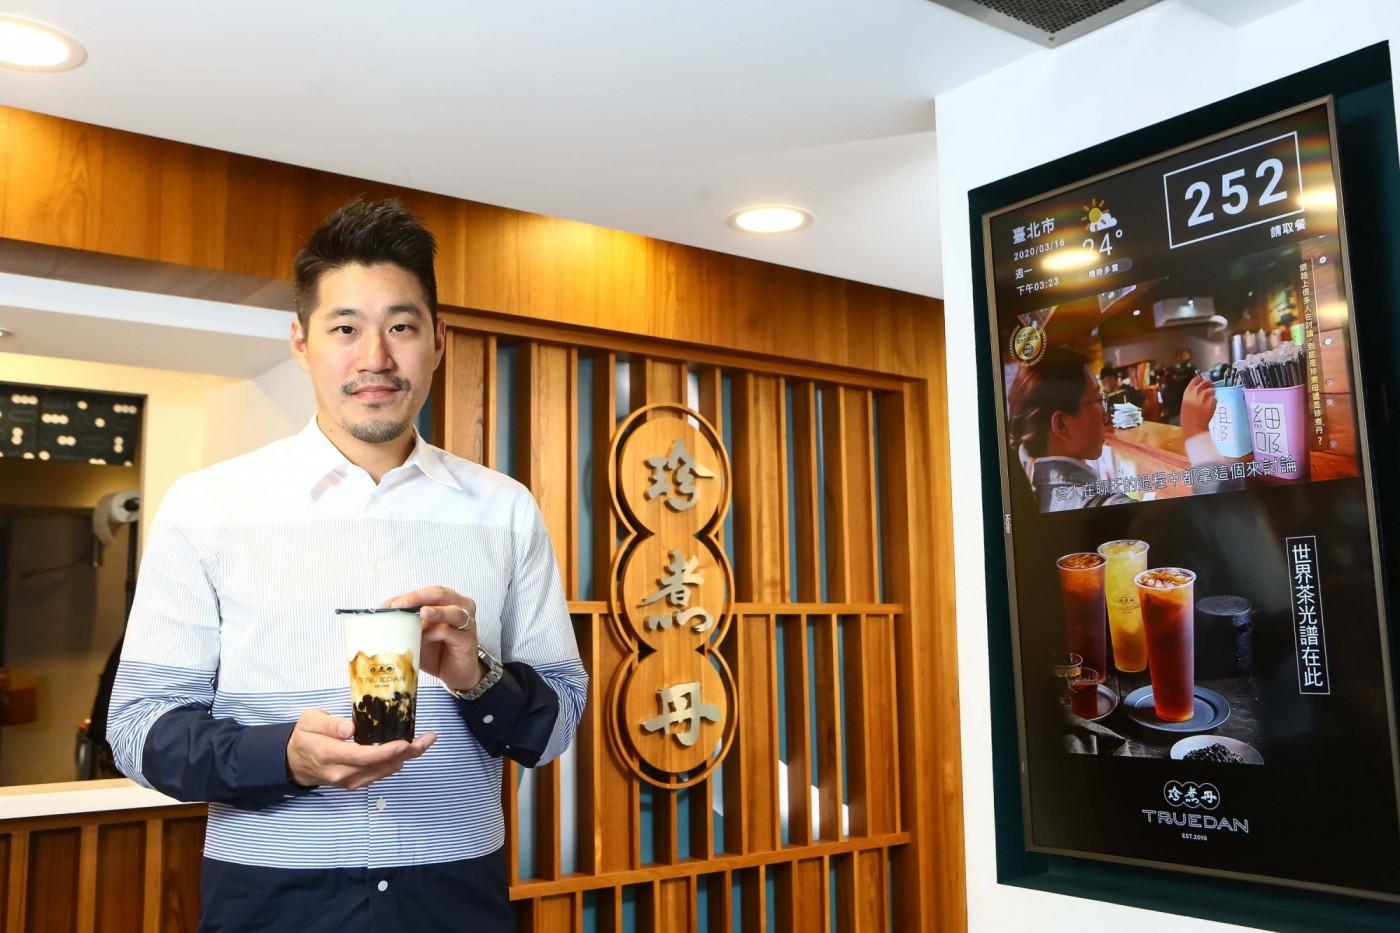 從夜市小攤翻身年收8億的國際品牌,珍煮丹創業夫妻檔如何把珍珠煉成仙丹?